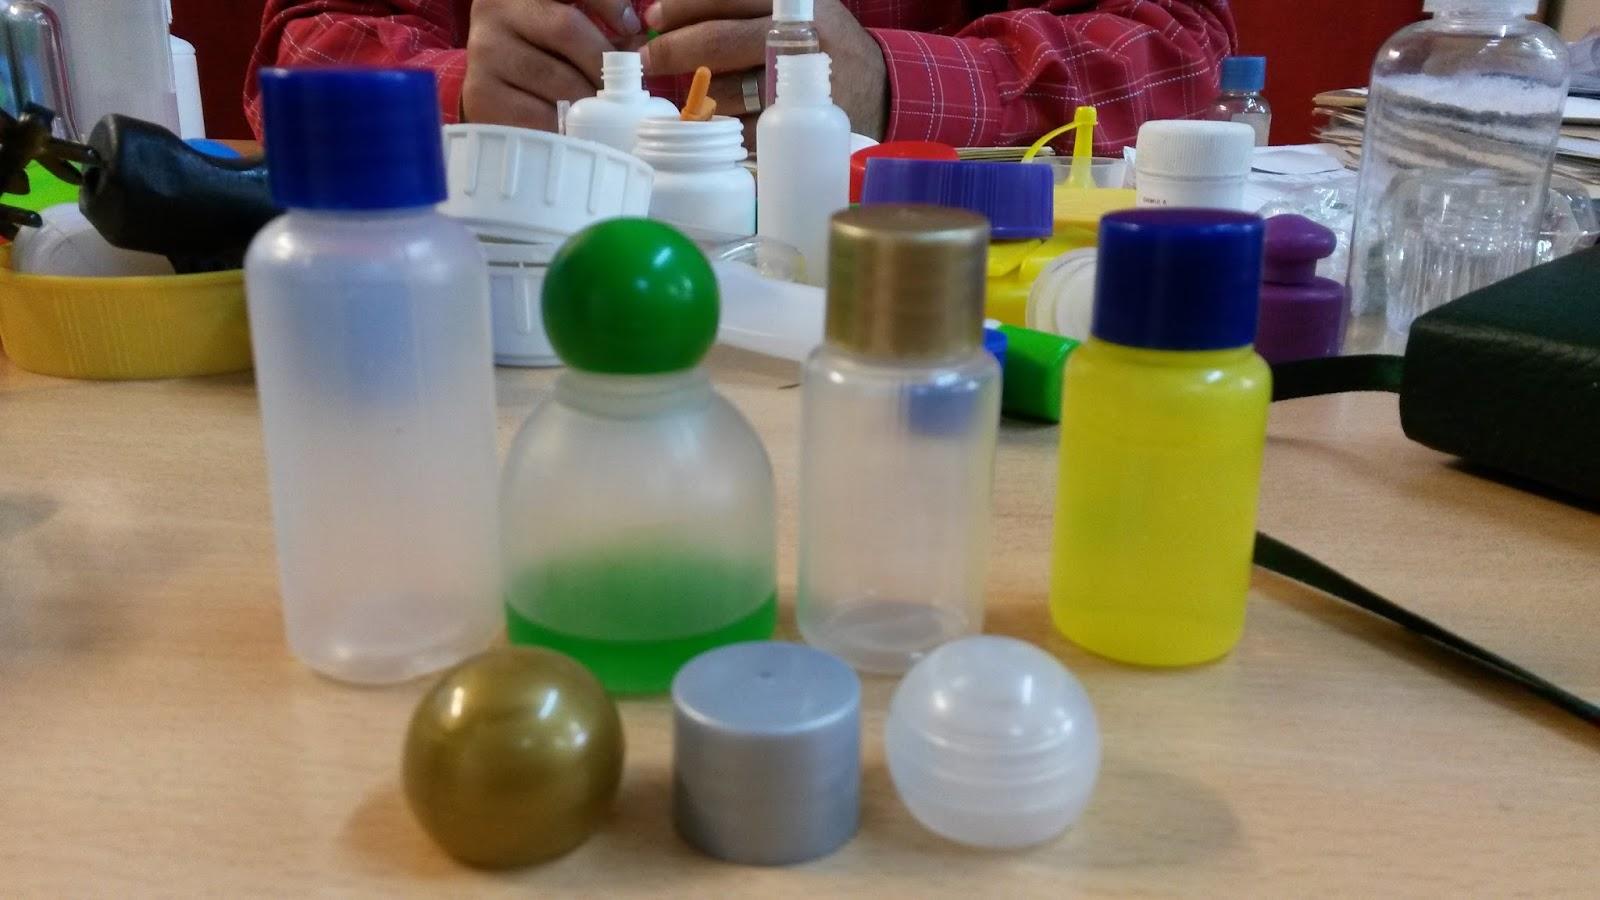 Jabones y shampoo hoteleros peru burbujas de ba o sales de ba o jabones hoteleros amenities - Amenities en el bano ...